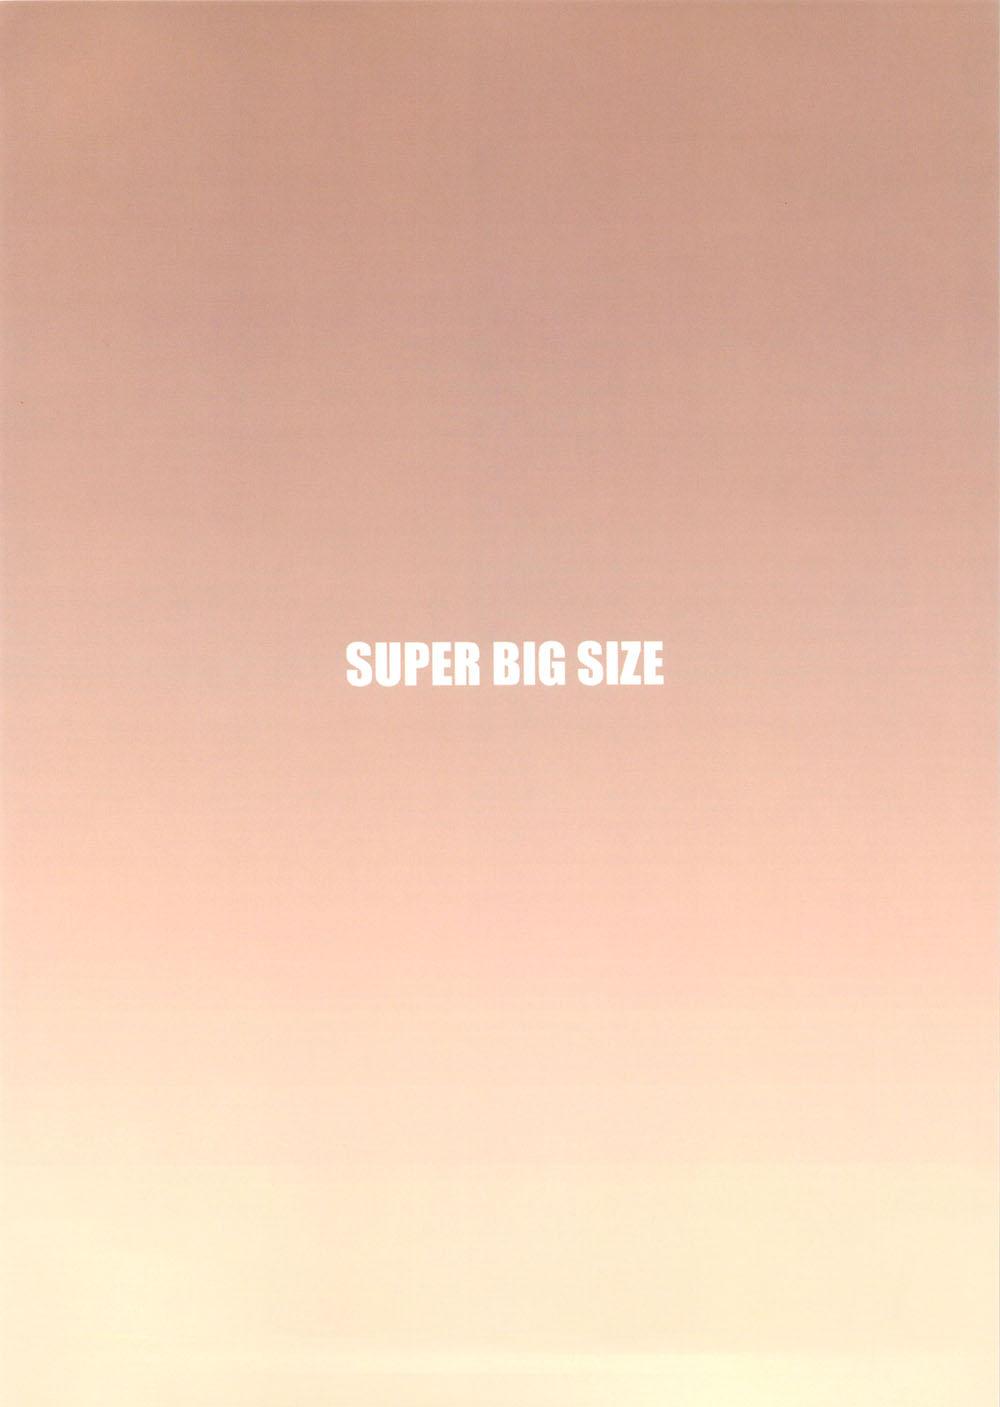 Super BIG SIZE!